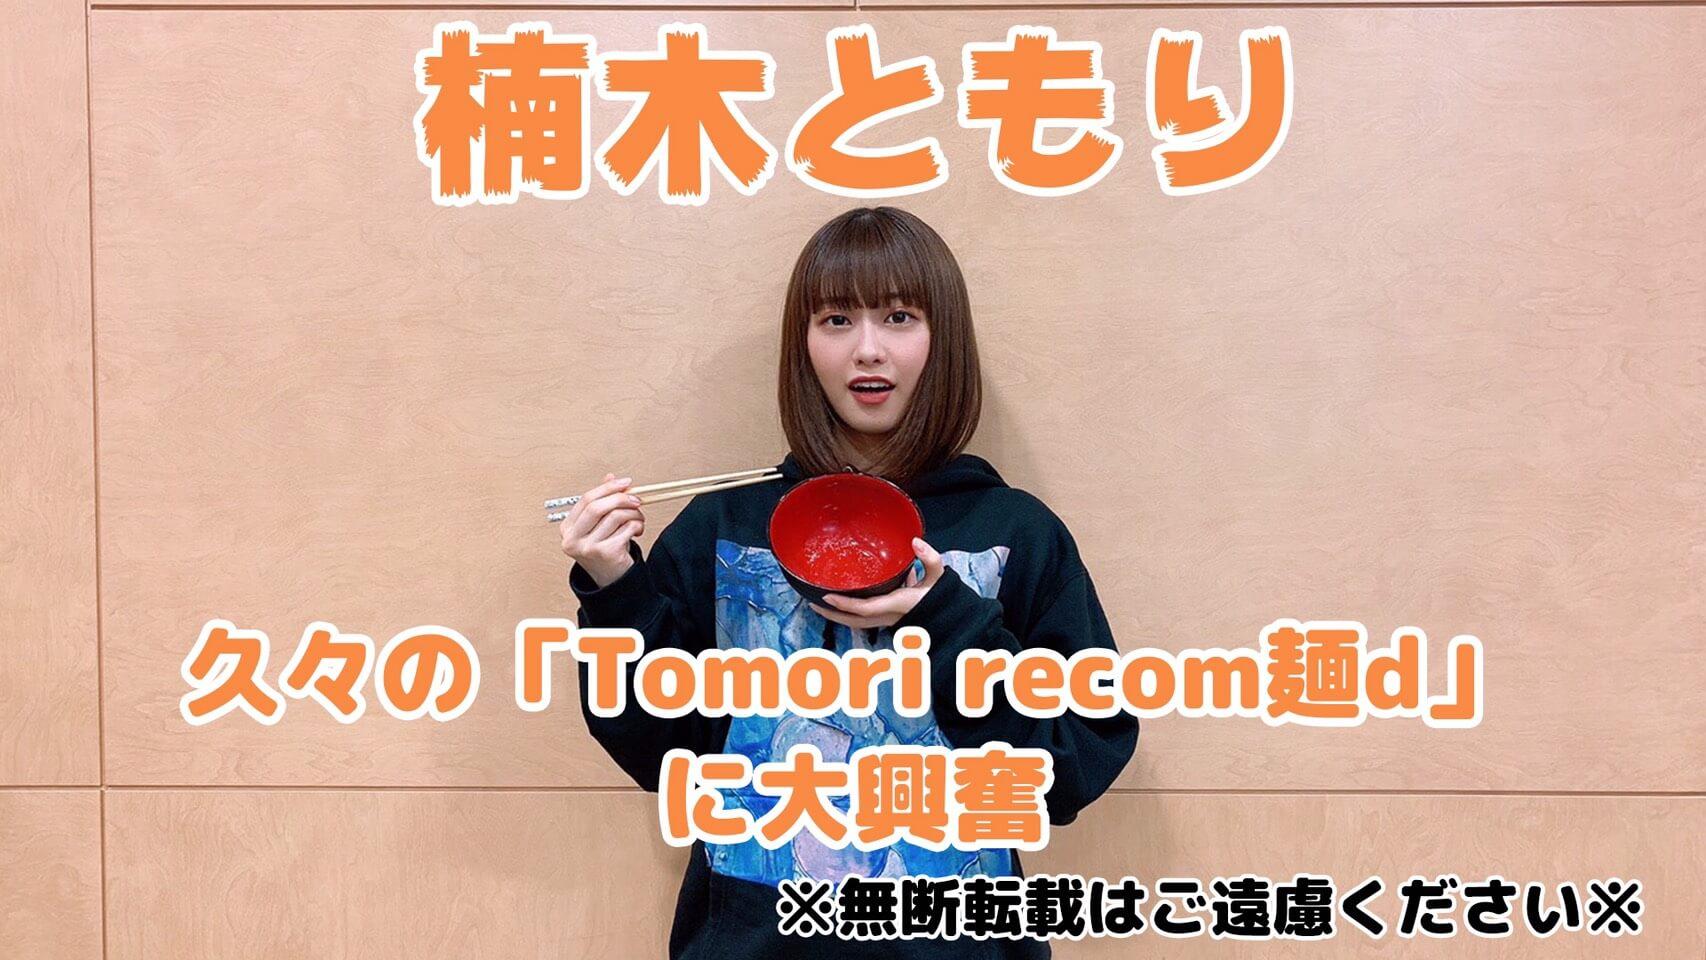 【楠木ともりThe Music Reverie】久々の「Tomori recom麺d」に大興奮